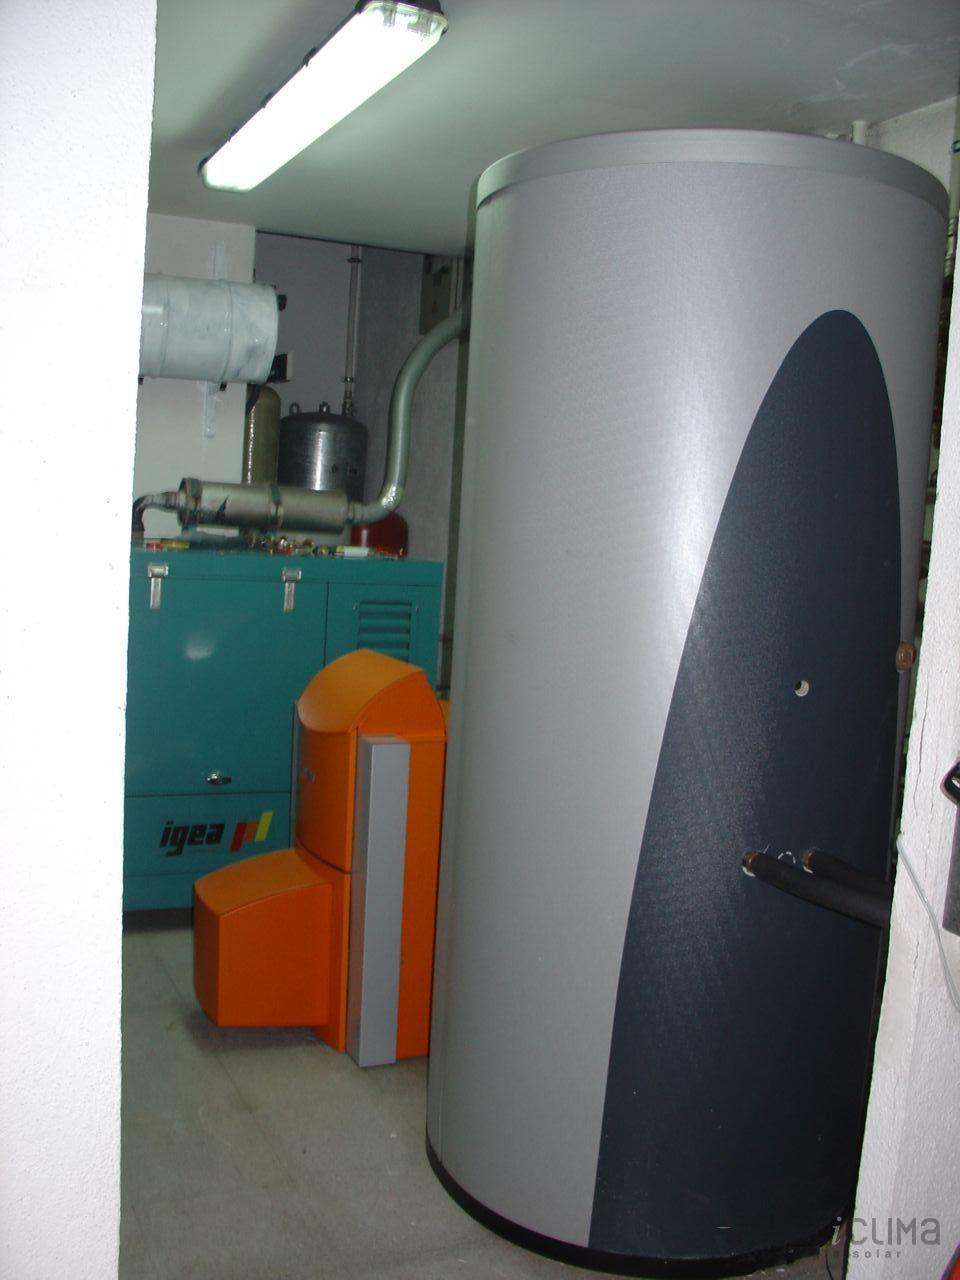 Casa en constructor suelo radiante navarra de agua for Suelo radiante agua